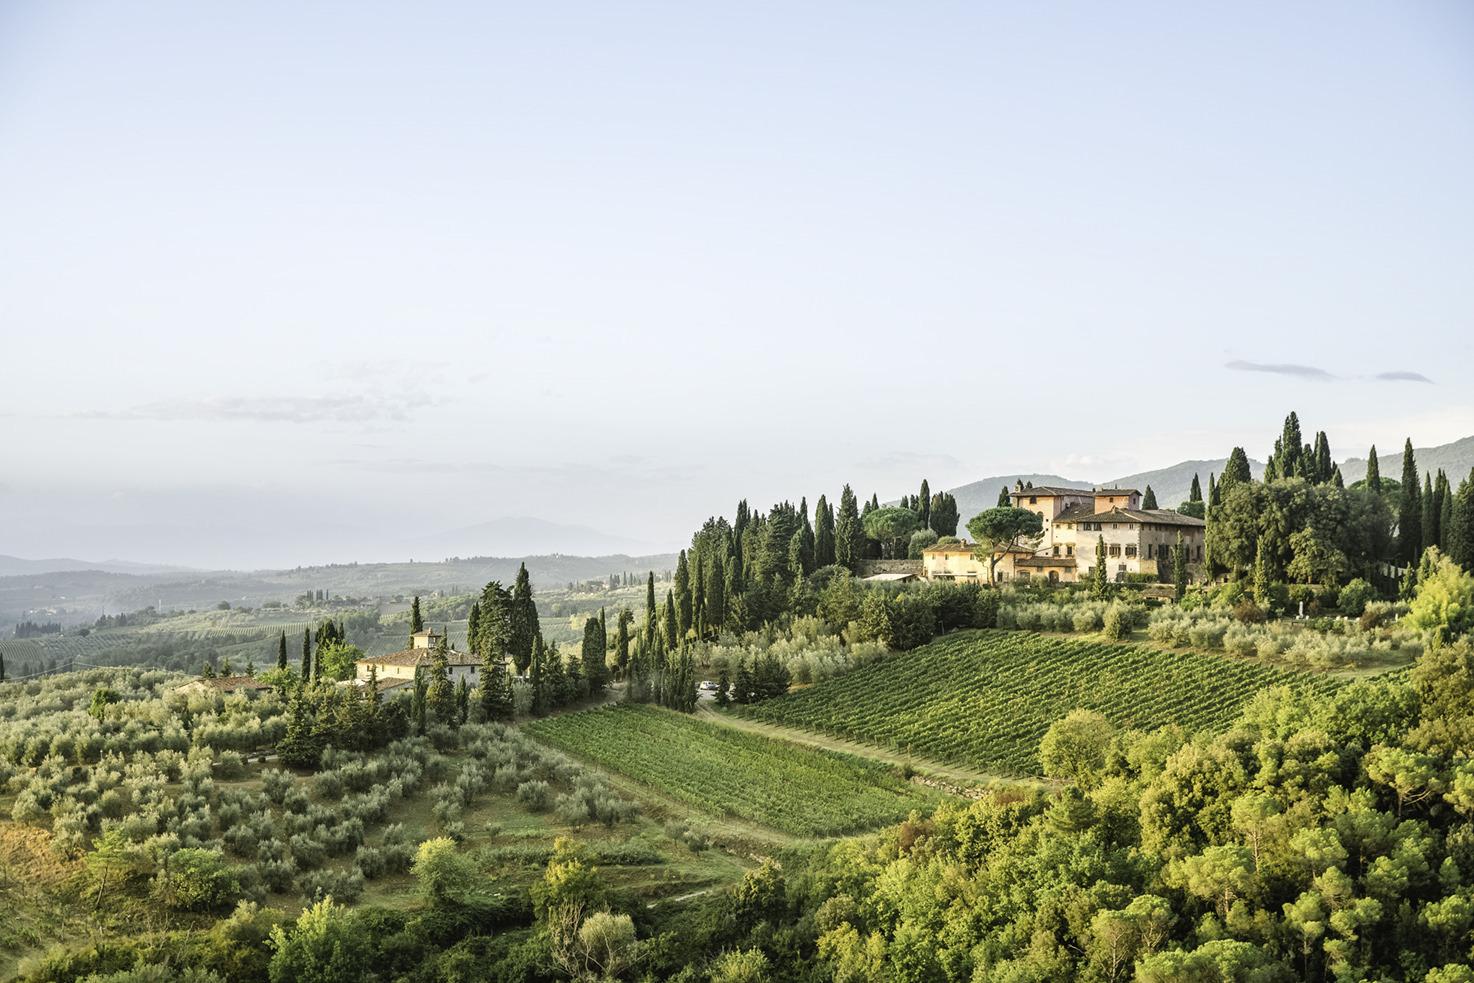 Panorama of Villa Vignamaggio in the Chianti region of Tuscany